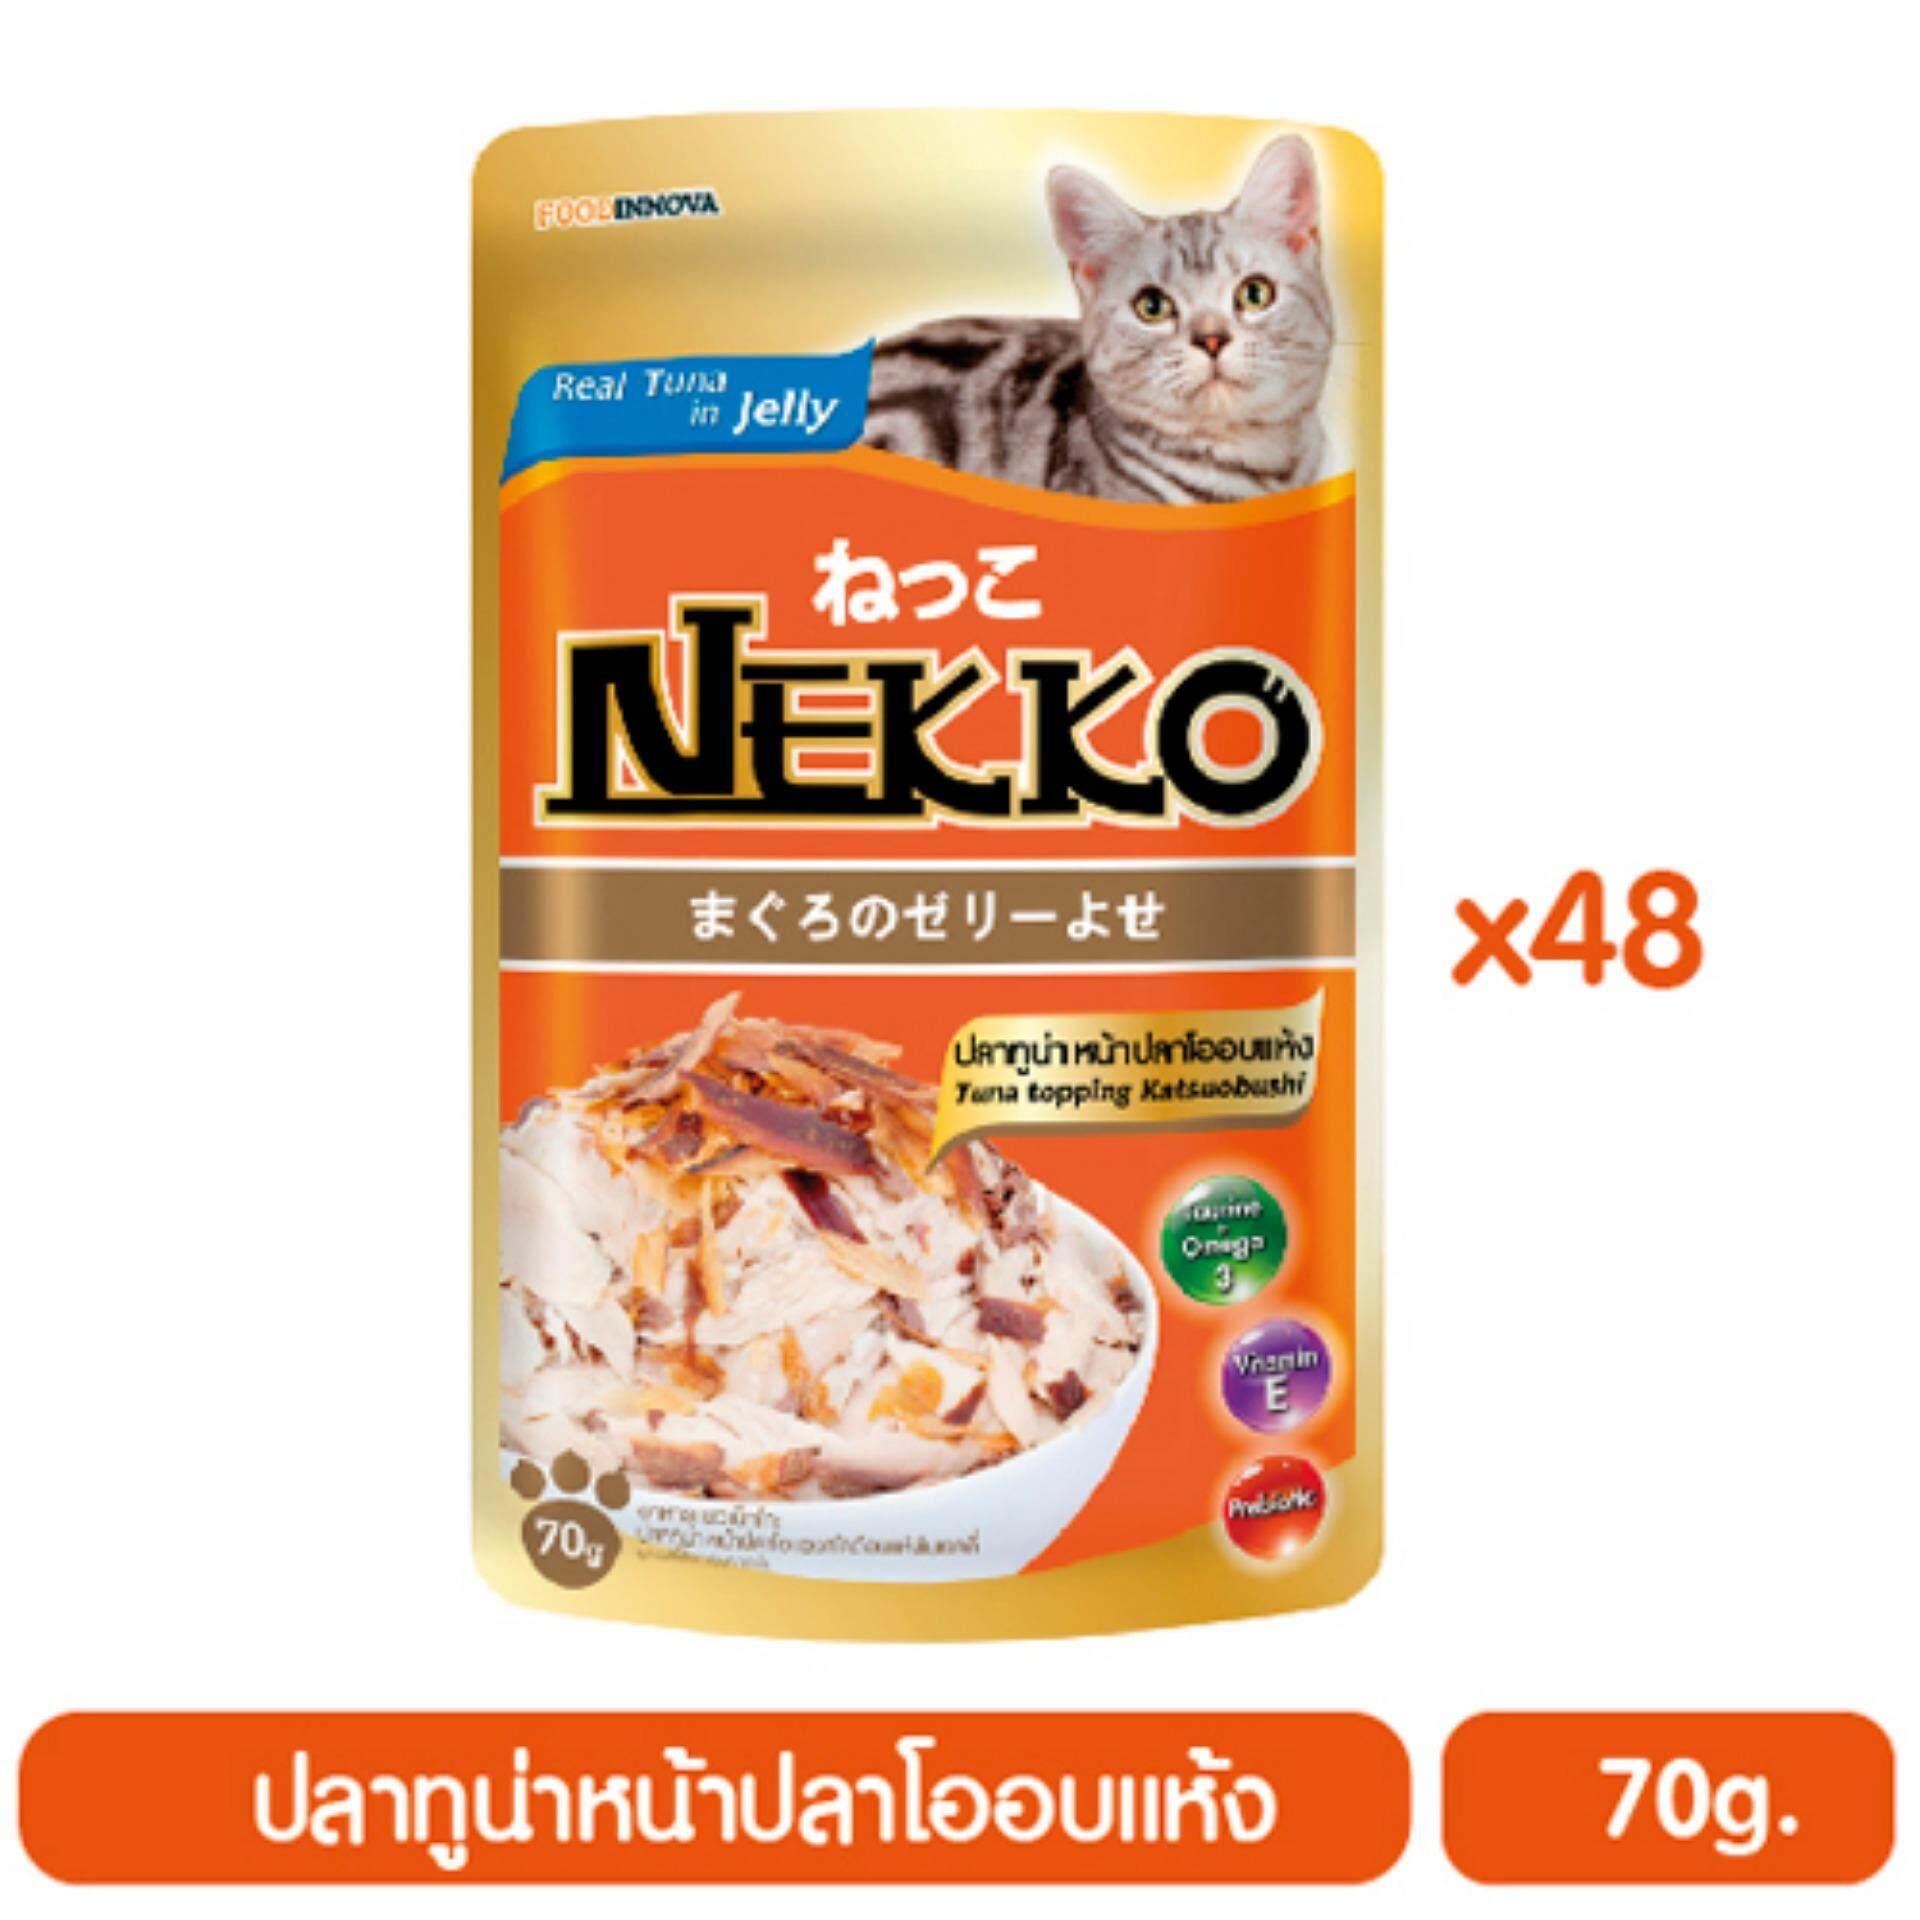 ซื้อ Nekko อาหารแมวเน็กโกะ ปลาทูน่าหน้าปลาโออบแห้ง 70 G X 48 ซอง Nekko